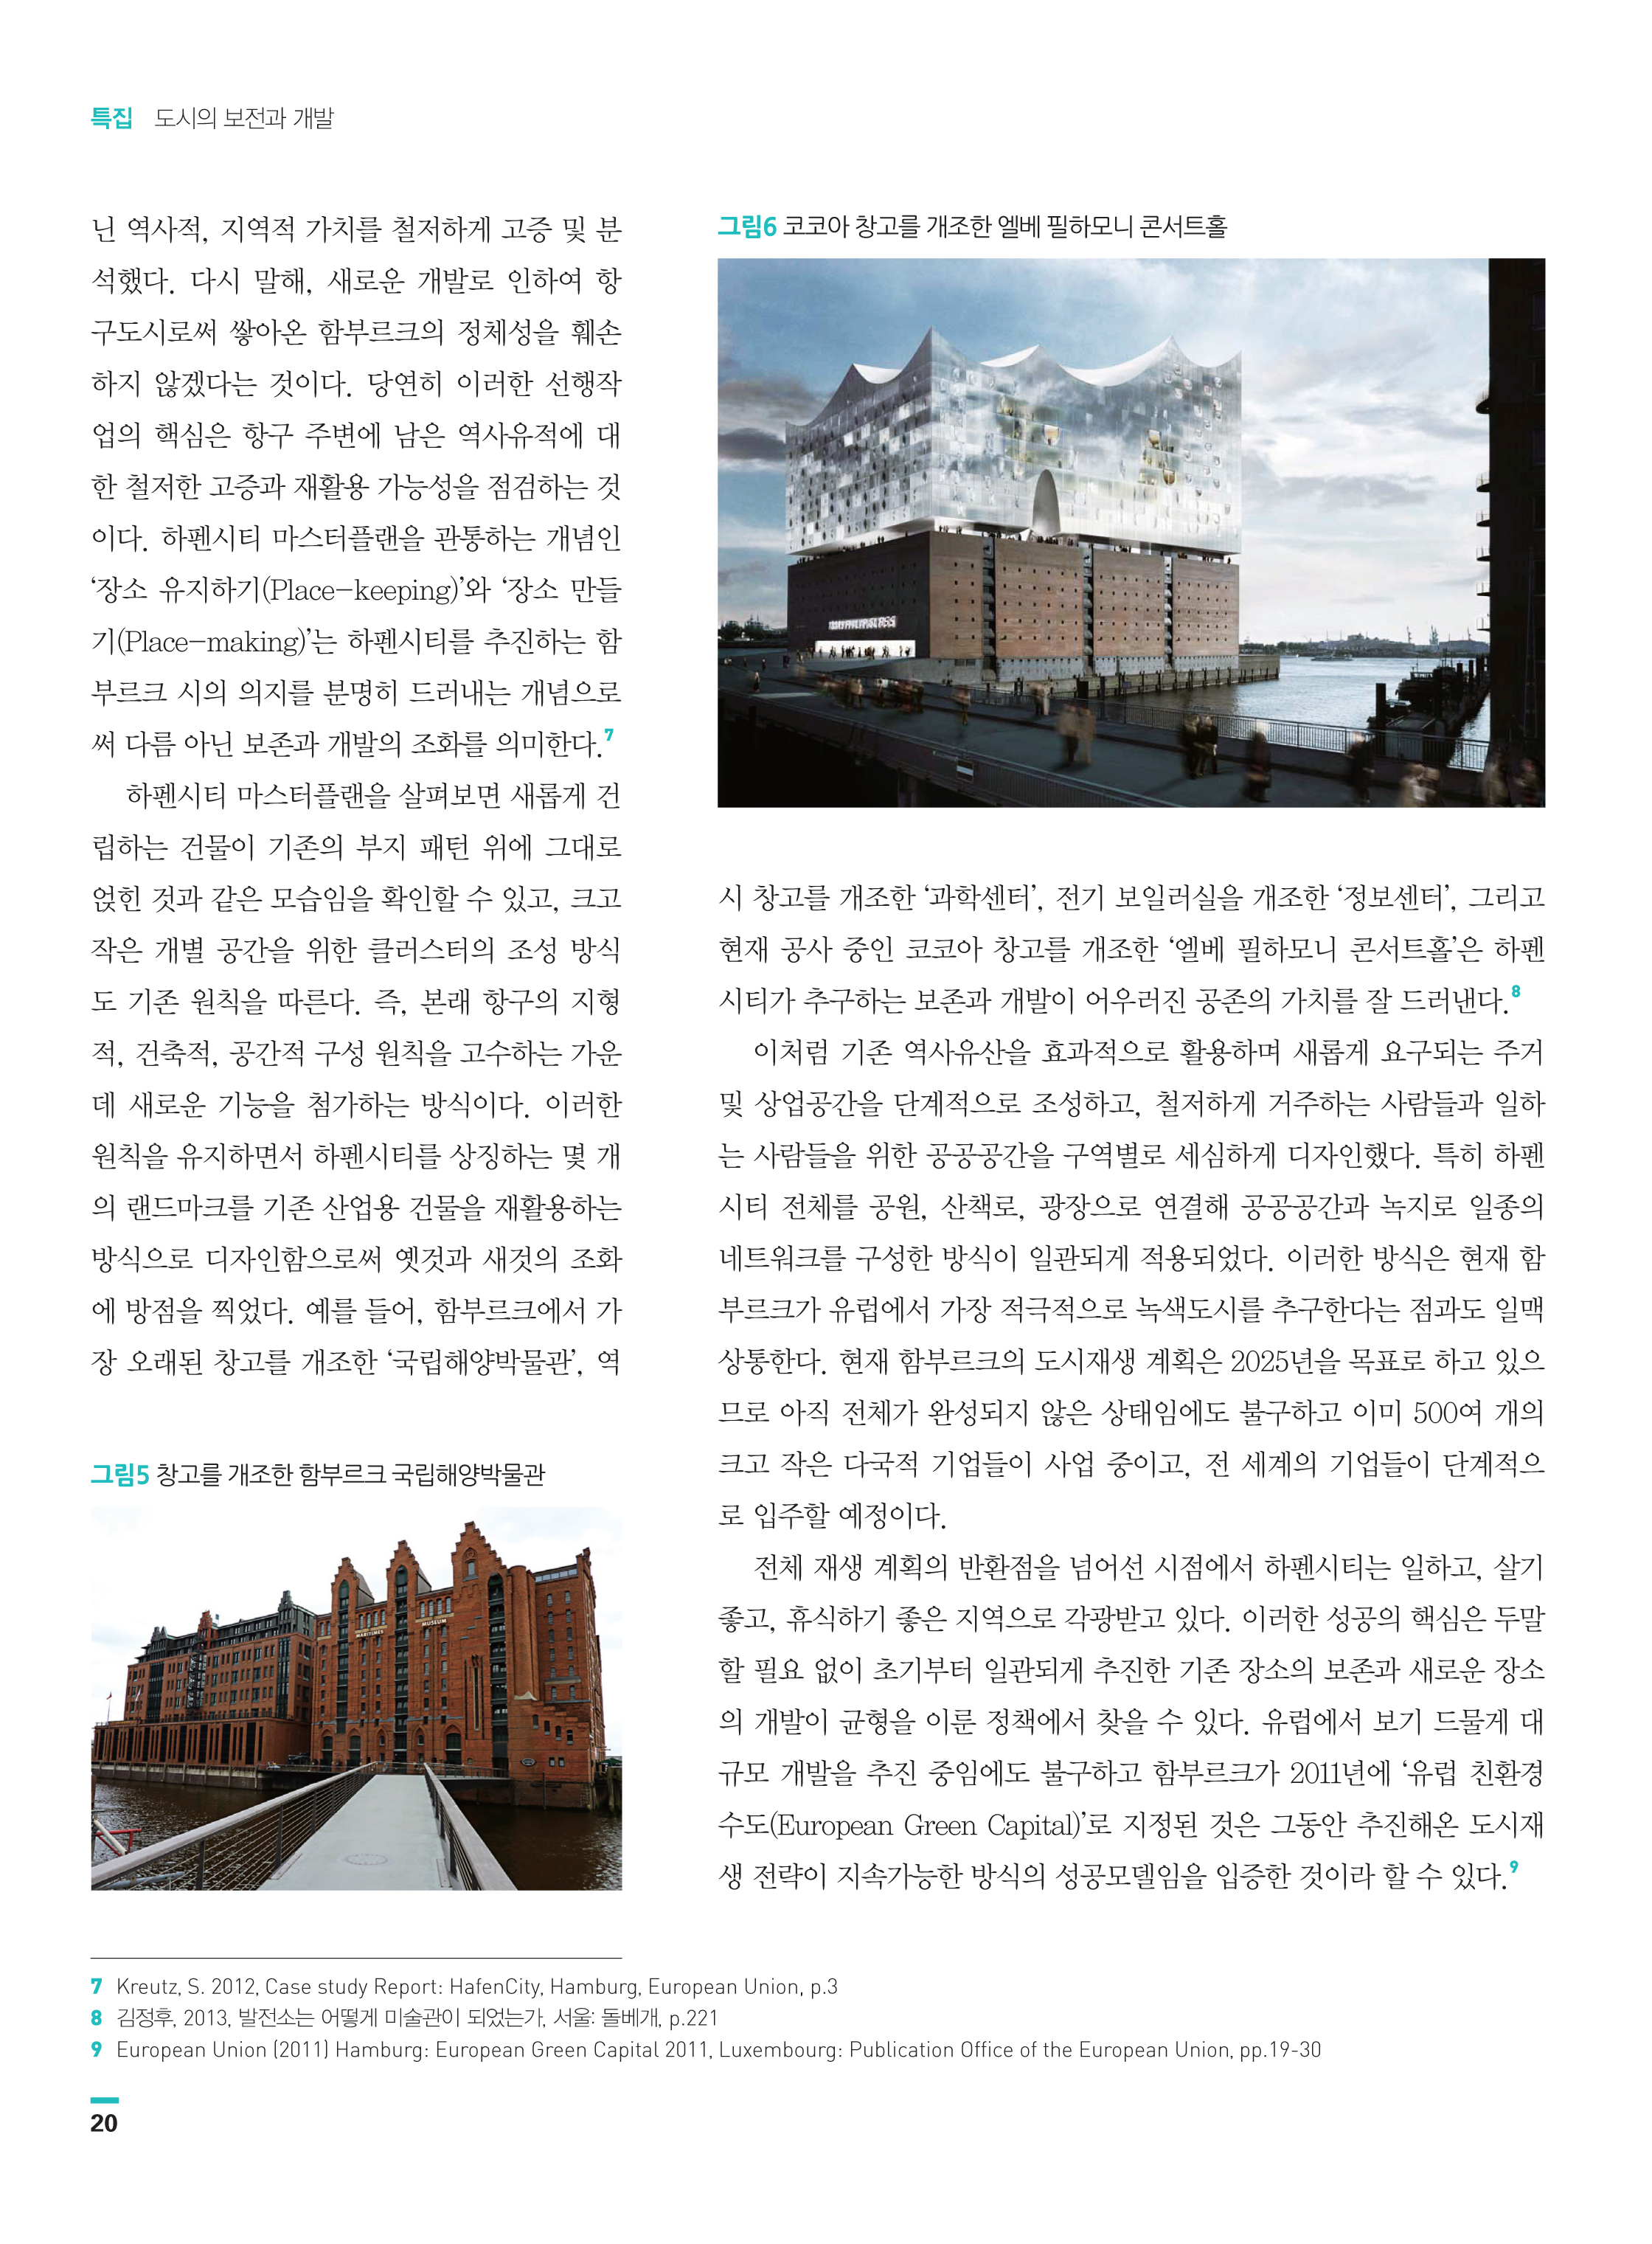 세계와도시 6호 컬러 특집1 -5.jpg